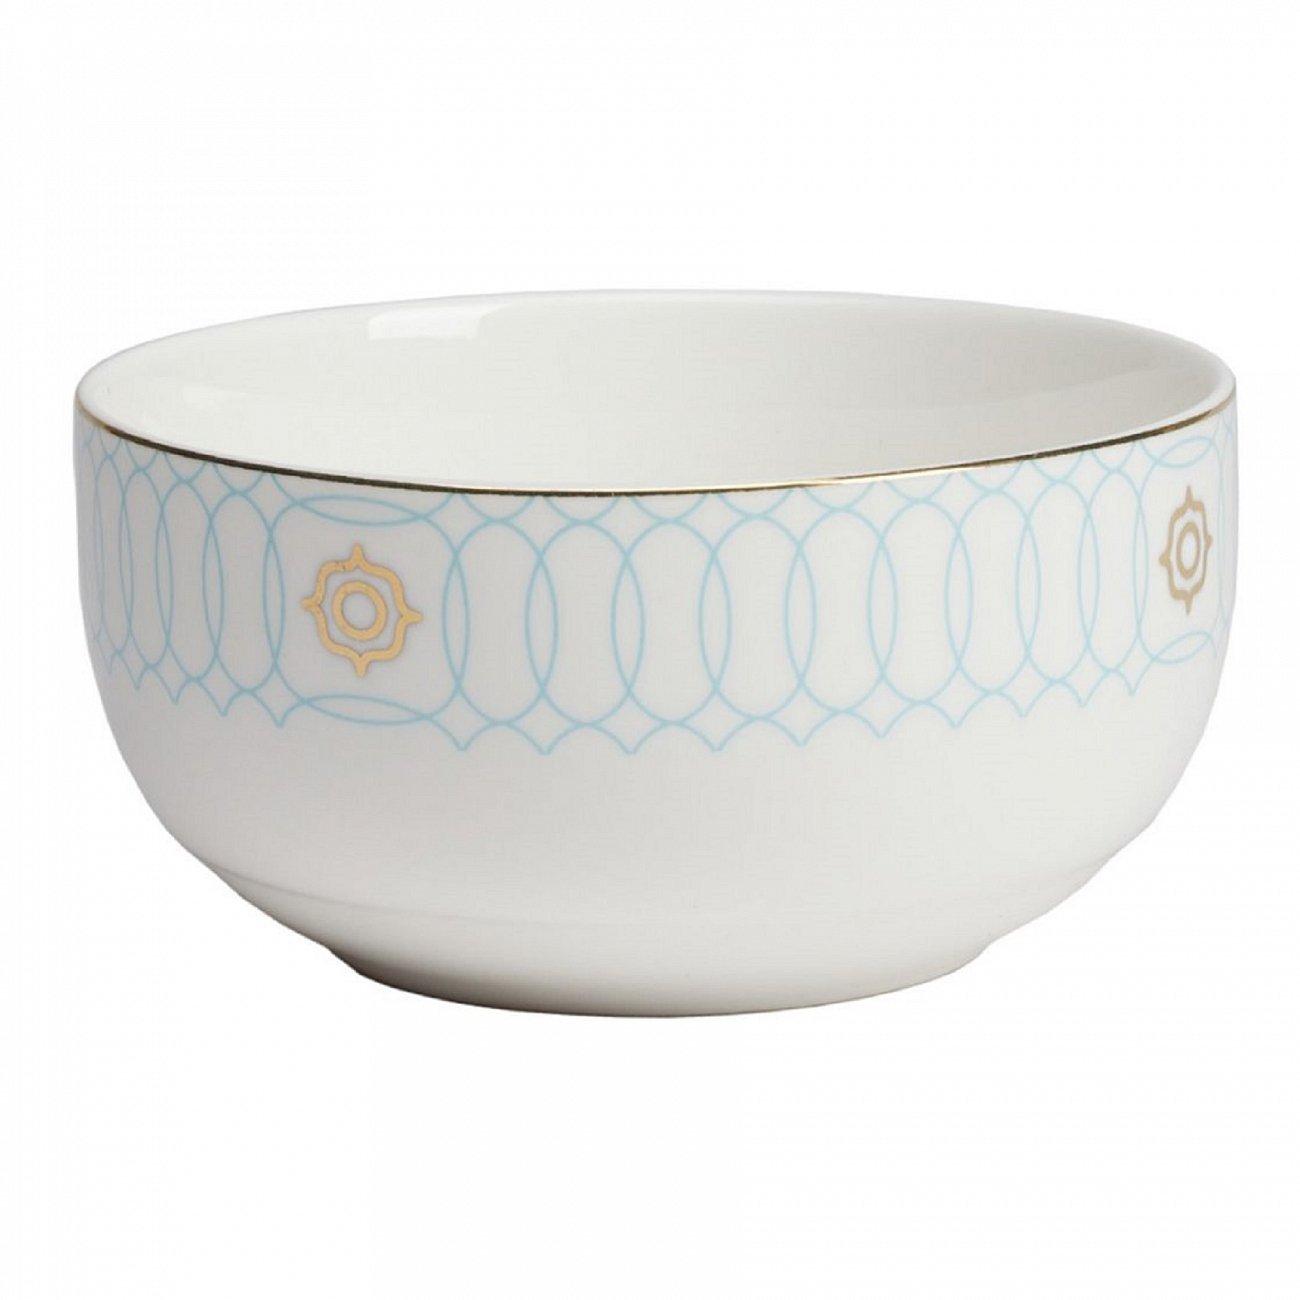 Купить Салатник порционный Turquoise Veil в интернет магазине дизайнерской мебели и аксессуаров для дома и дачи